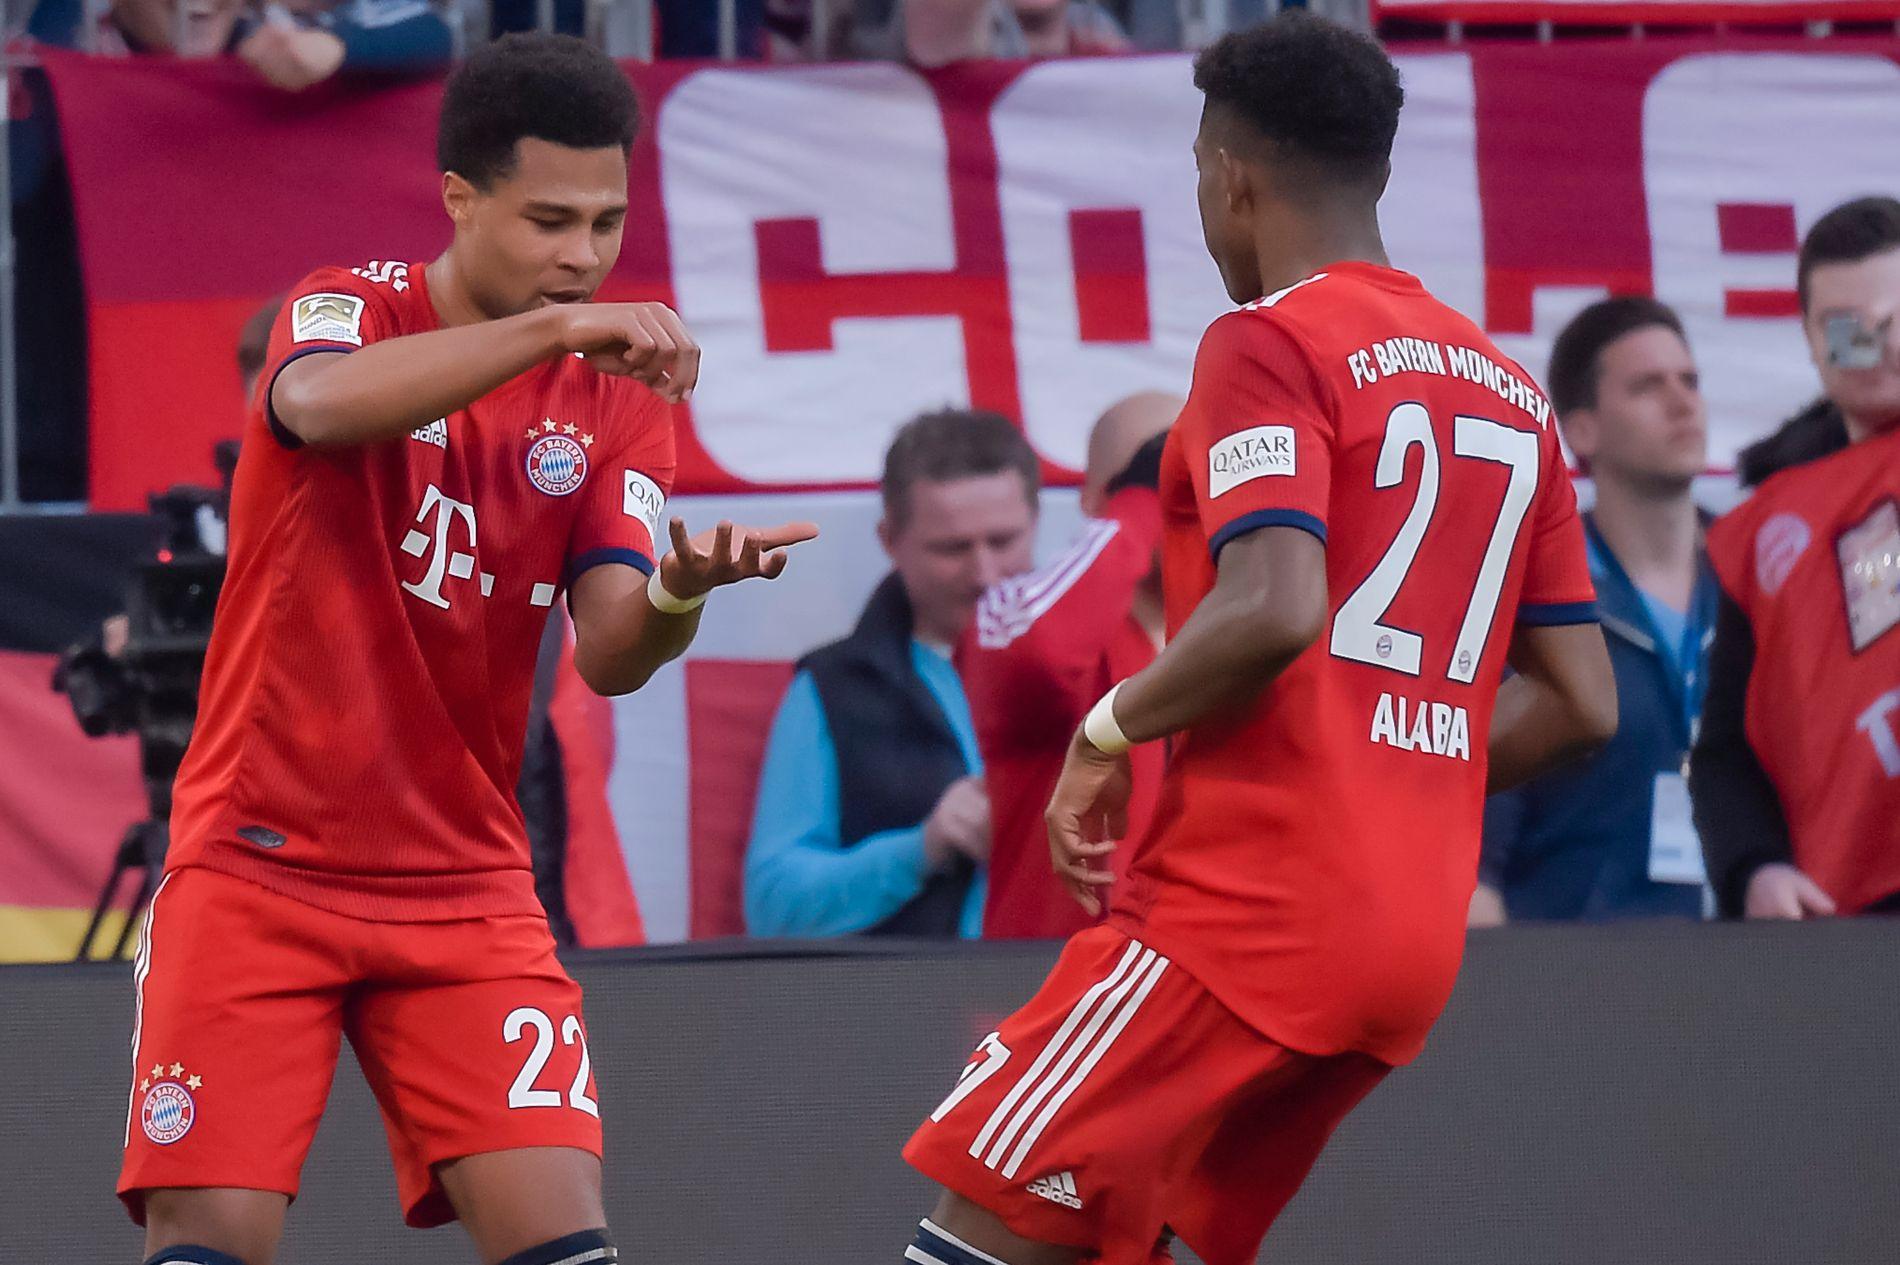 KRYDDER: Serge Gnabry ble Bayerns yngste målscorer for dagen. Han feiret sammen med David Alaba med en innøvd variant med både visp, t-skje og pepperkvern.